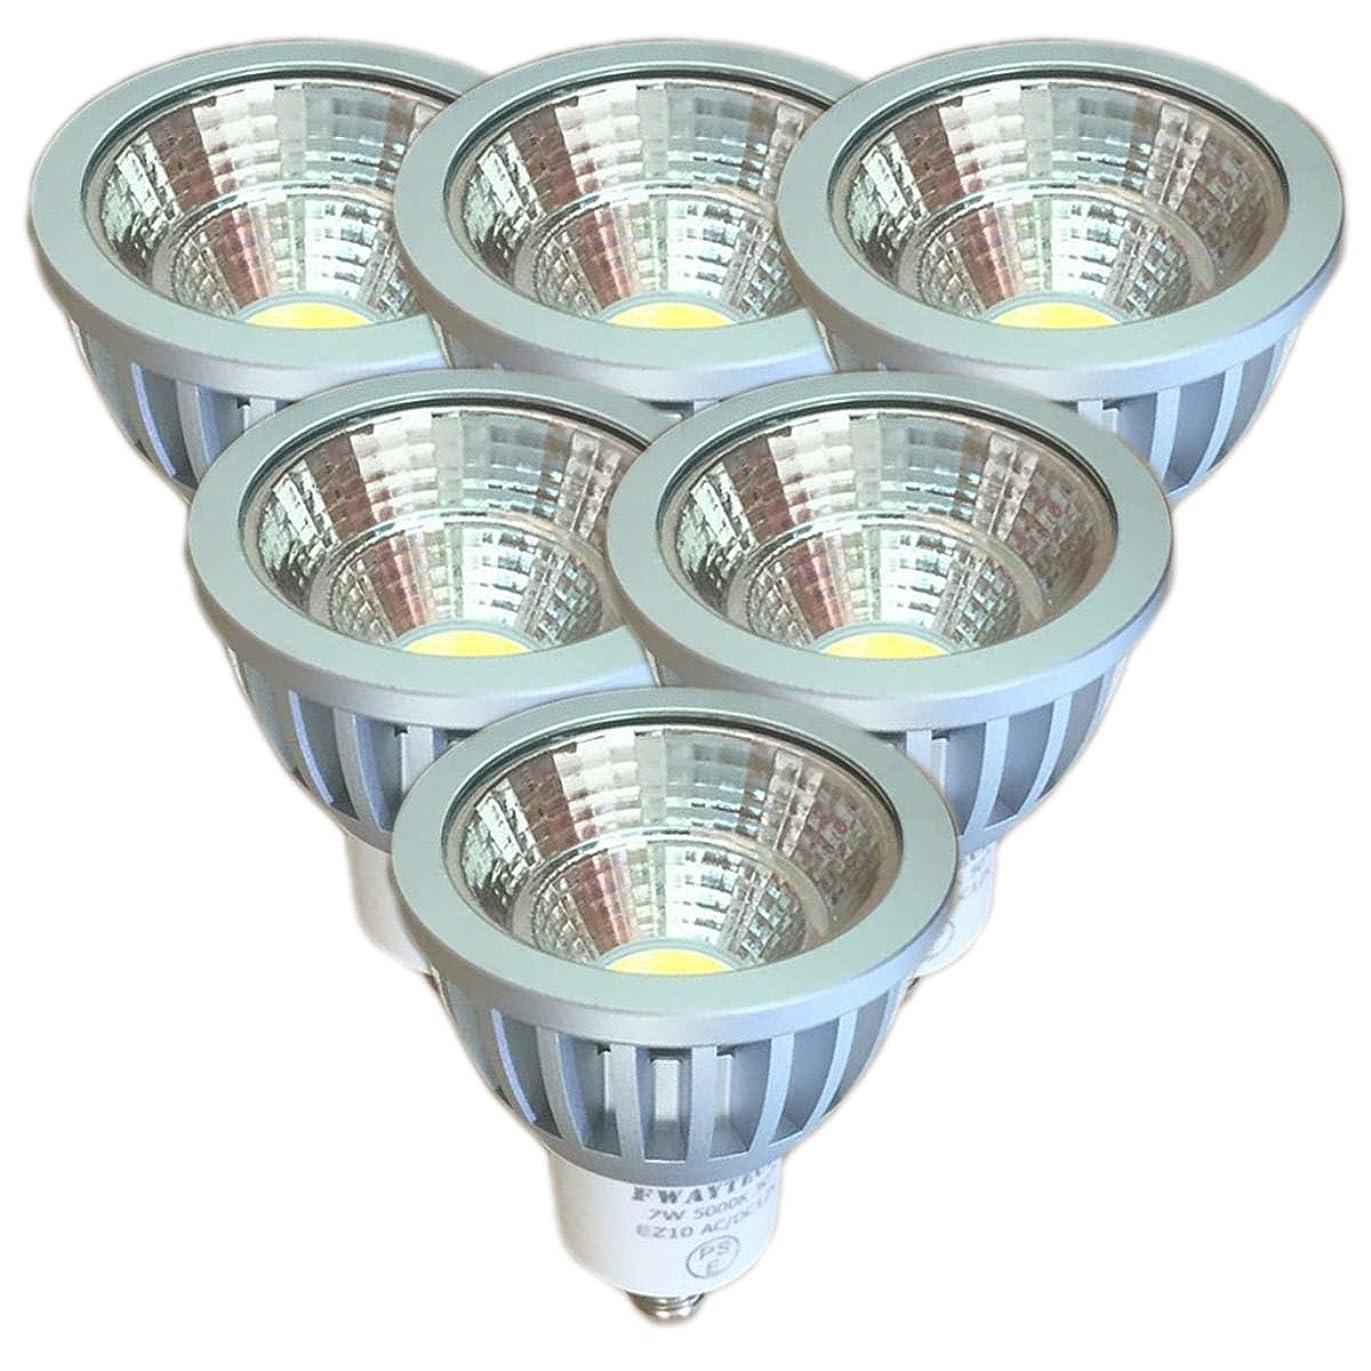 無しクマノミのホストFwaytech led ez10 12V COB7W LEDスポットライト ハロゲン電球60W~75W相当 密閉器具対応 (昼白色相当(5000K), 7W 中角30度 本体銀 EZ10口金(6個セット)) [並行輸入品]